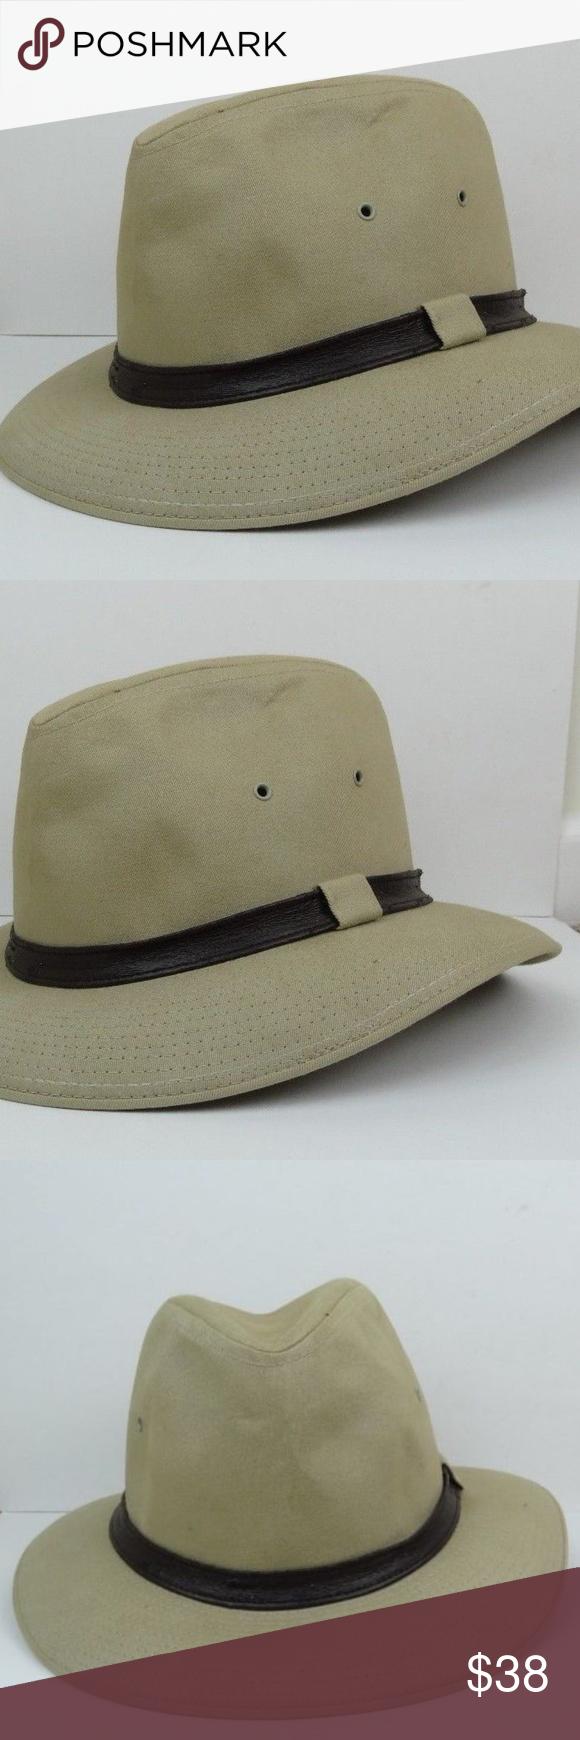 VINTAGE Mallory By Stetson Hat Tan Beige Khaki Vintage Mallory By Stetson  men s hat in a b7c79f45b0a